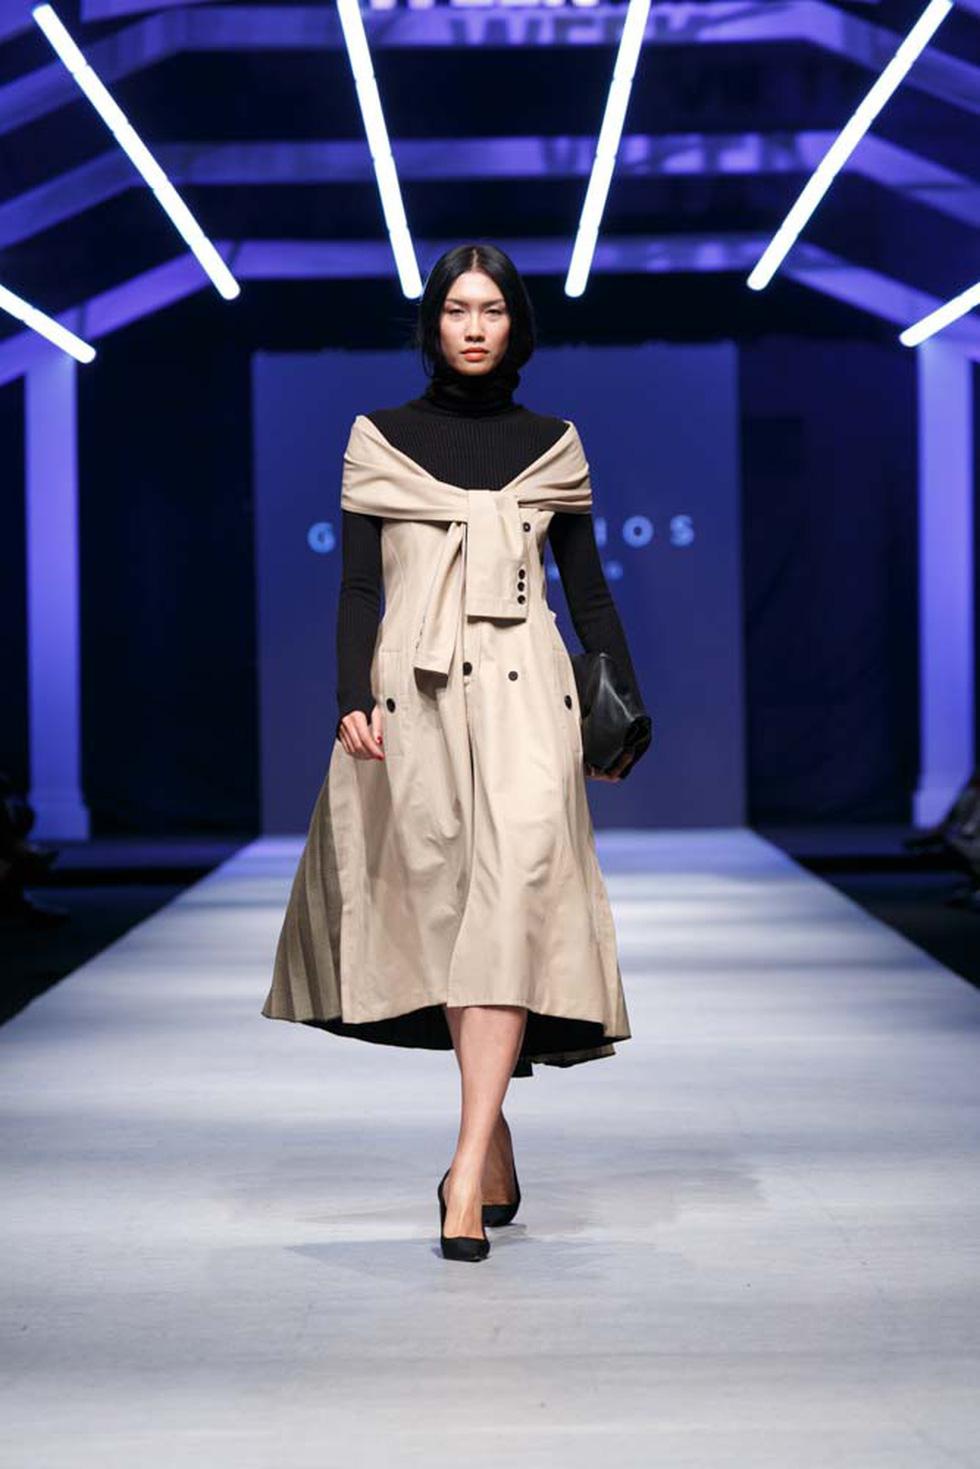 Lan Khuê, Lệ Nam mở màn Tuần lễ thời trang quốc tế Việt Nam - Ảnh 5.